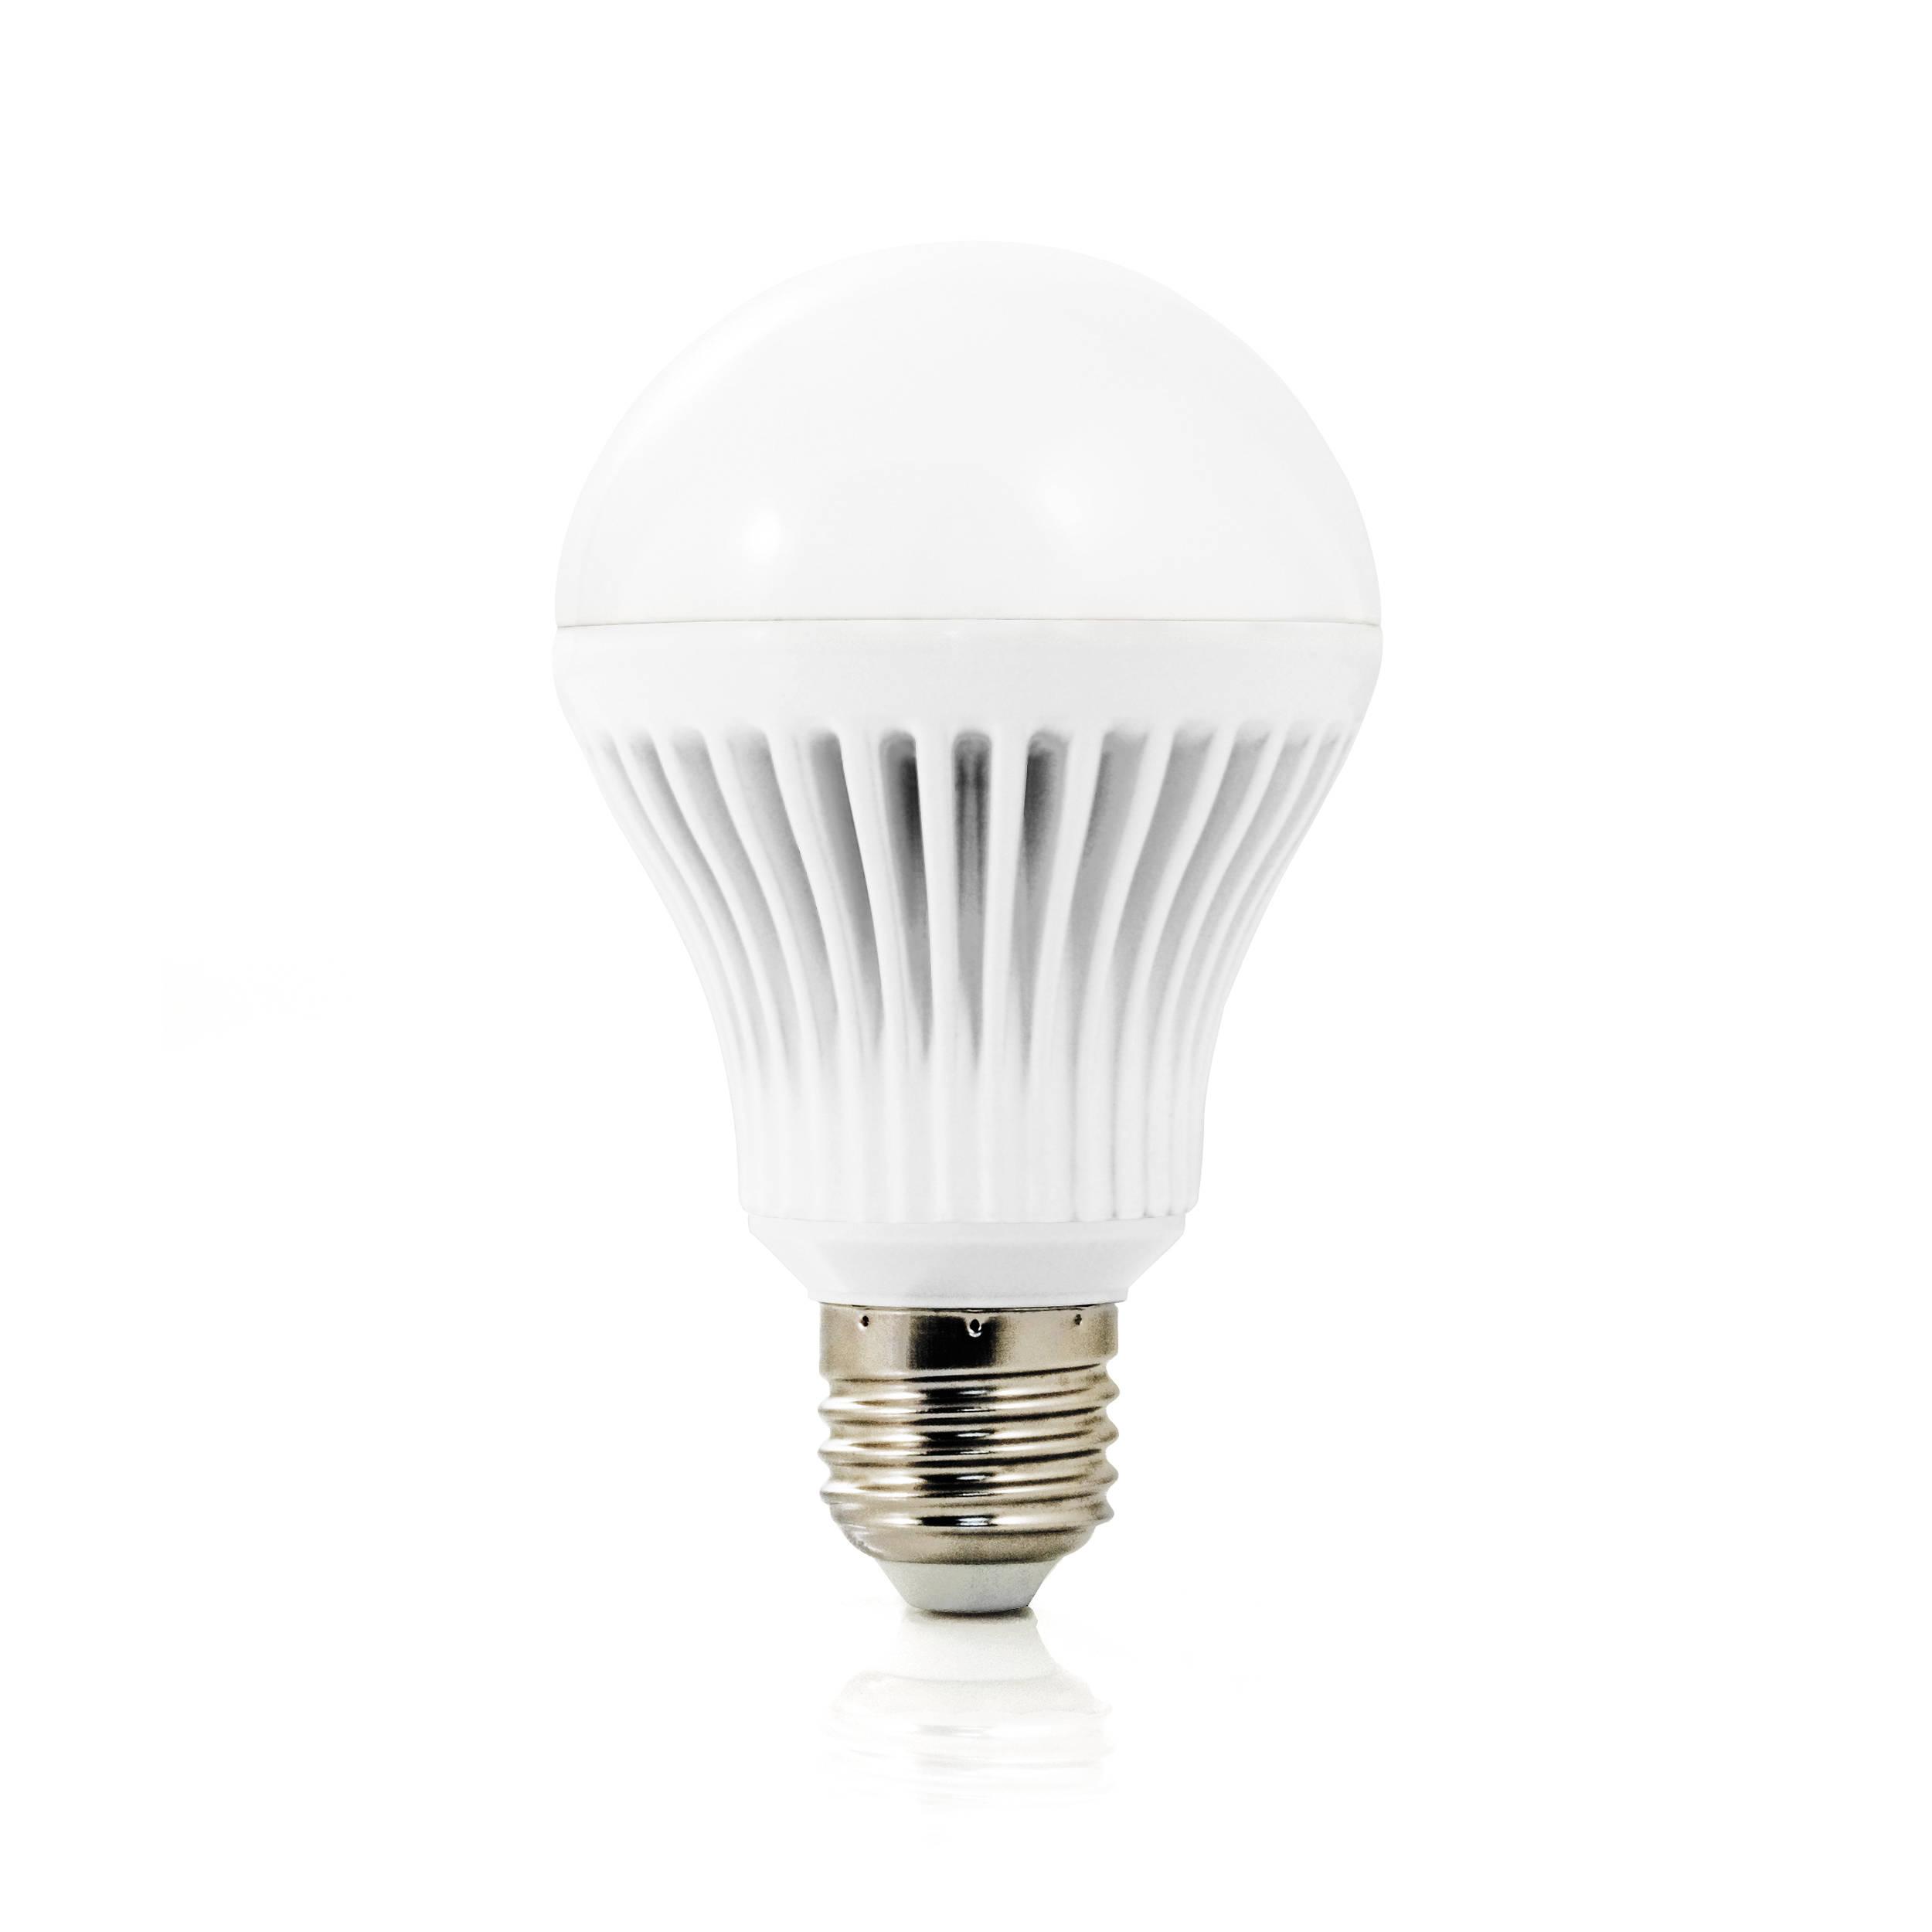 لامپ 9وات LED پیشگامان